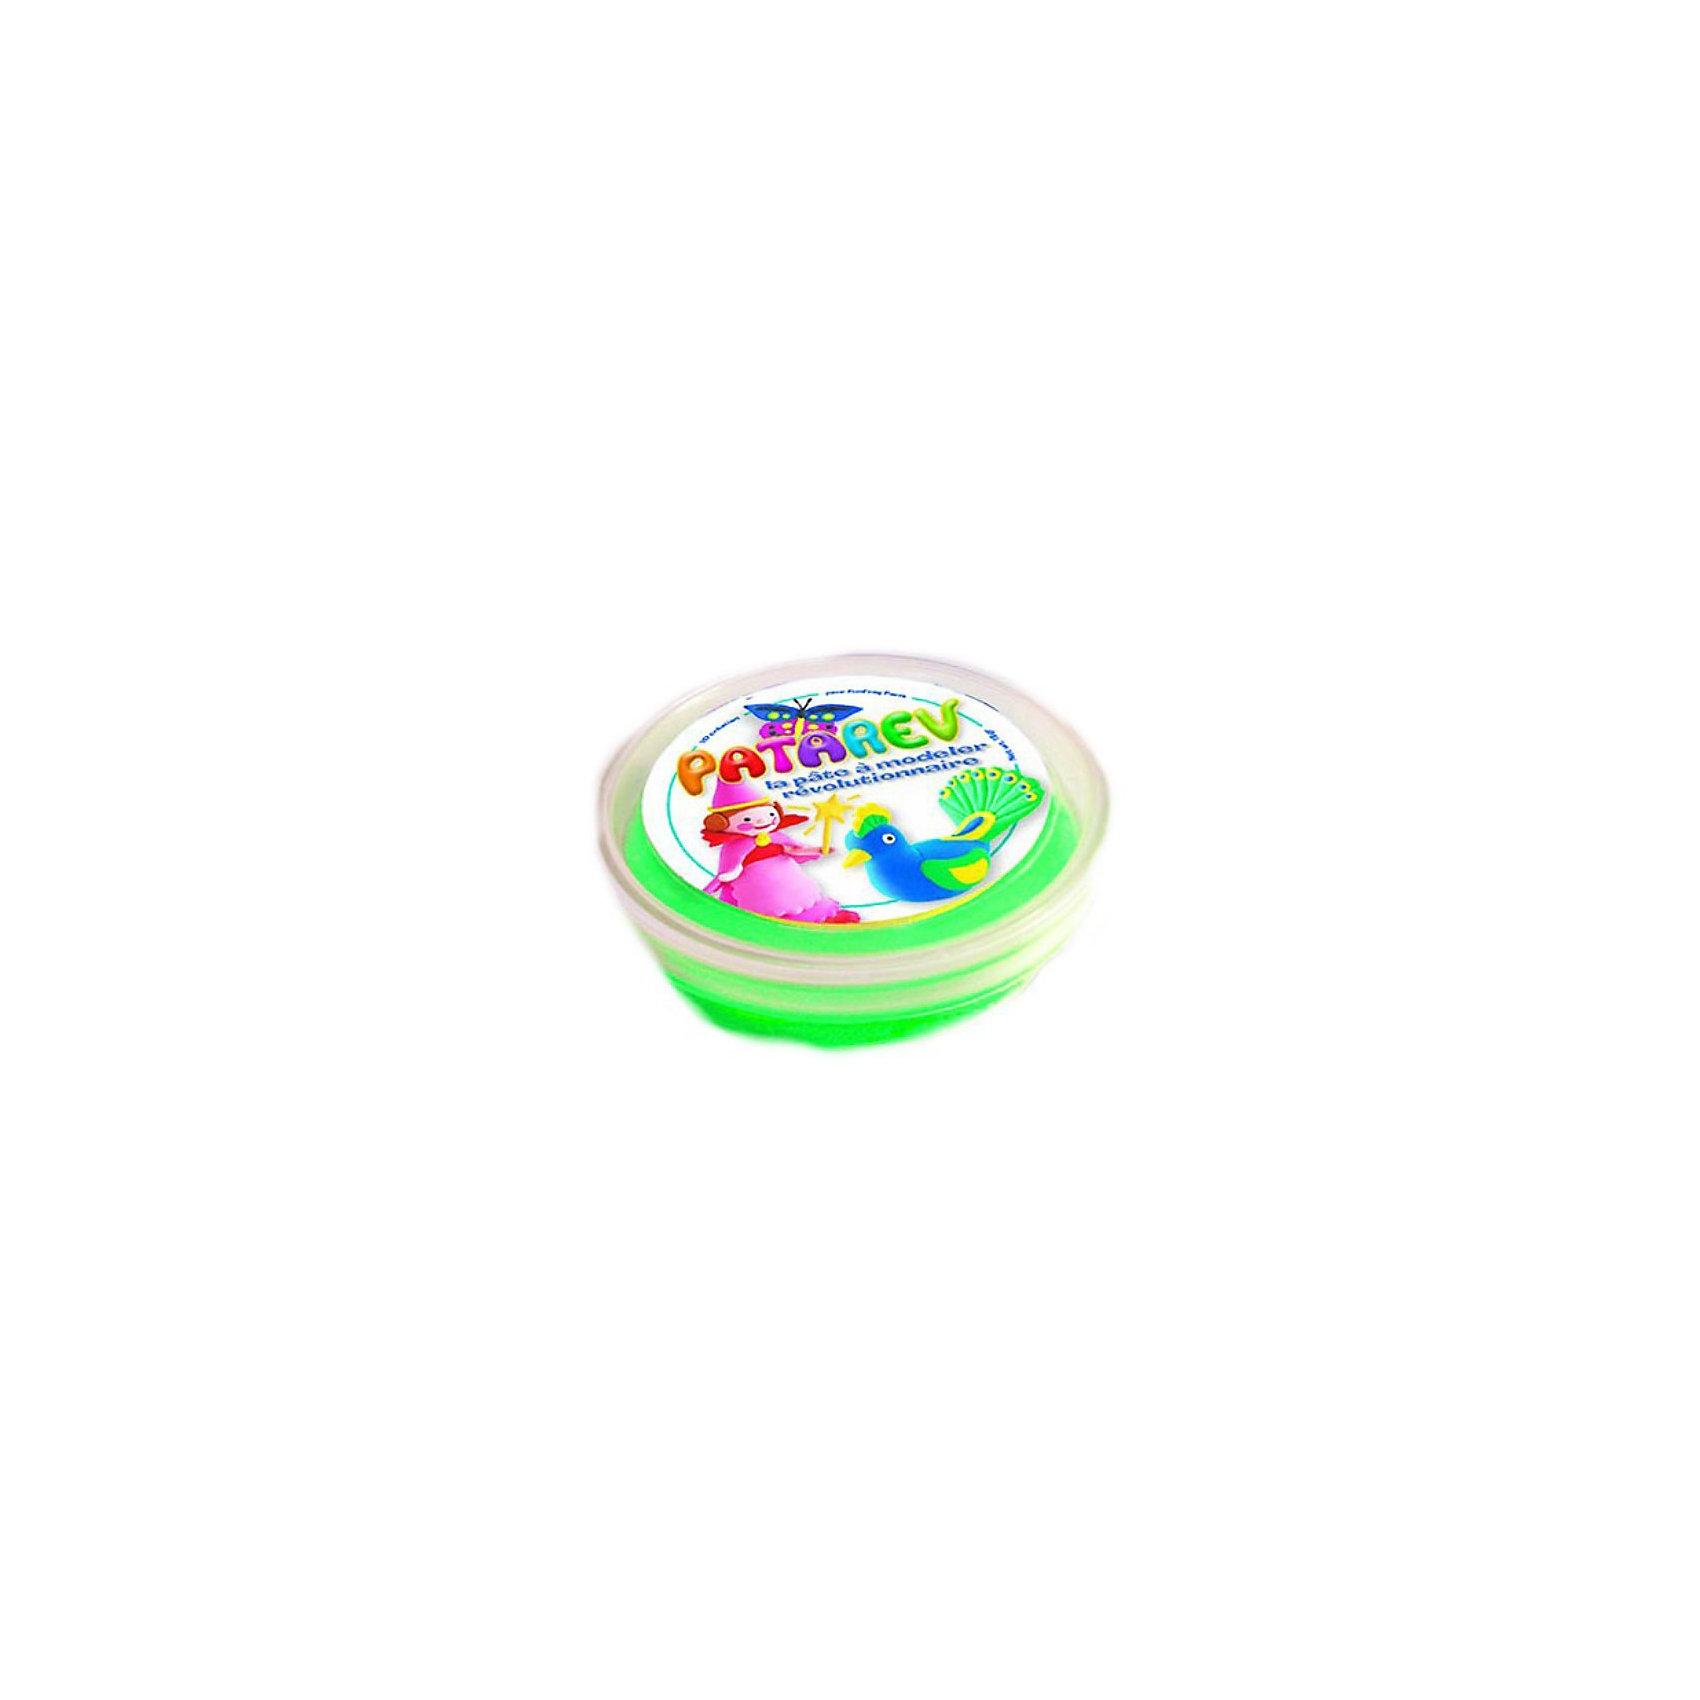 SentoSphere SentoSpherе 863 Пластилин PATAREV 30 грамм (зелёный) наборы для лепки sentosphere набор для творчества волшебный пластилин серия патарев